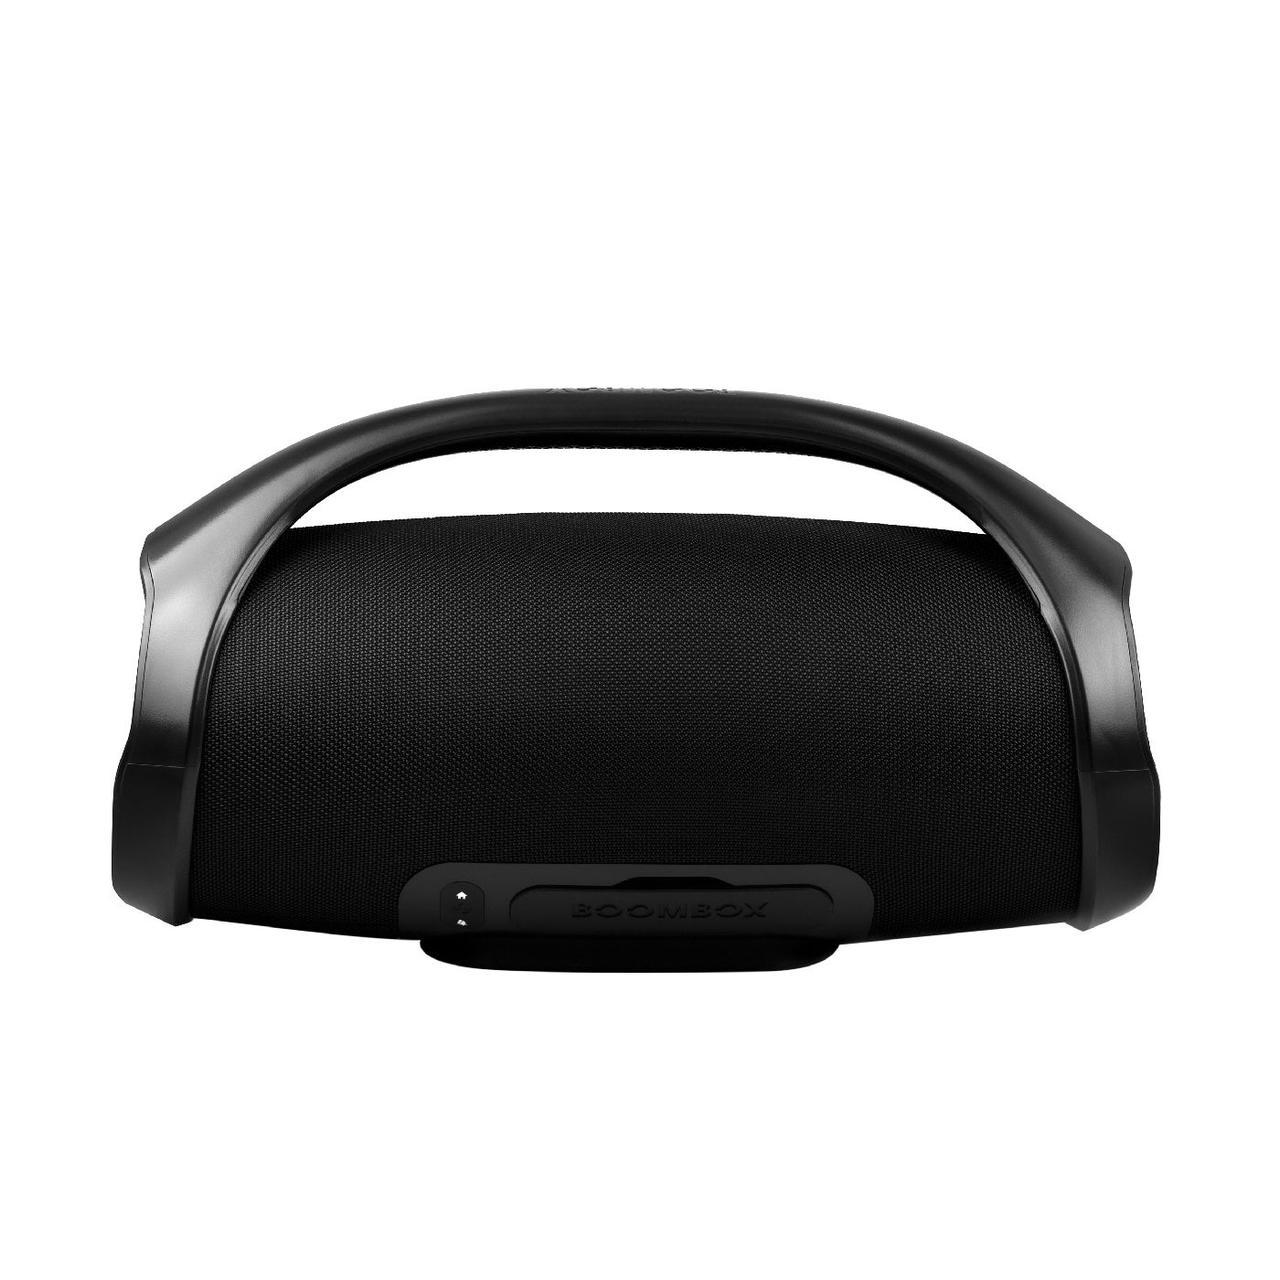 Портативная акустическая система Bluetooth Boombox Alfa-Tech, Black